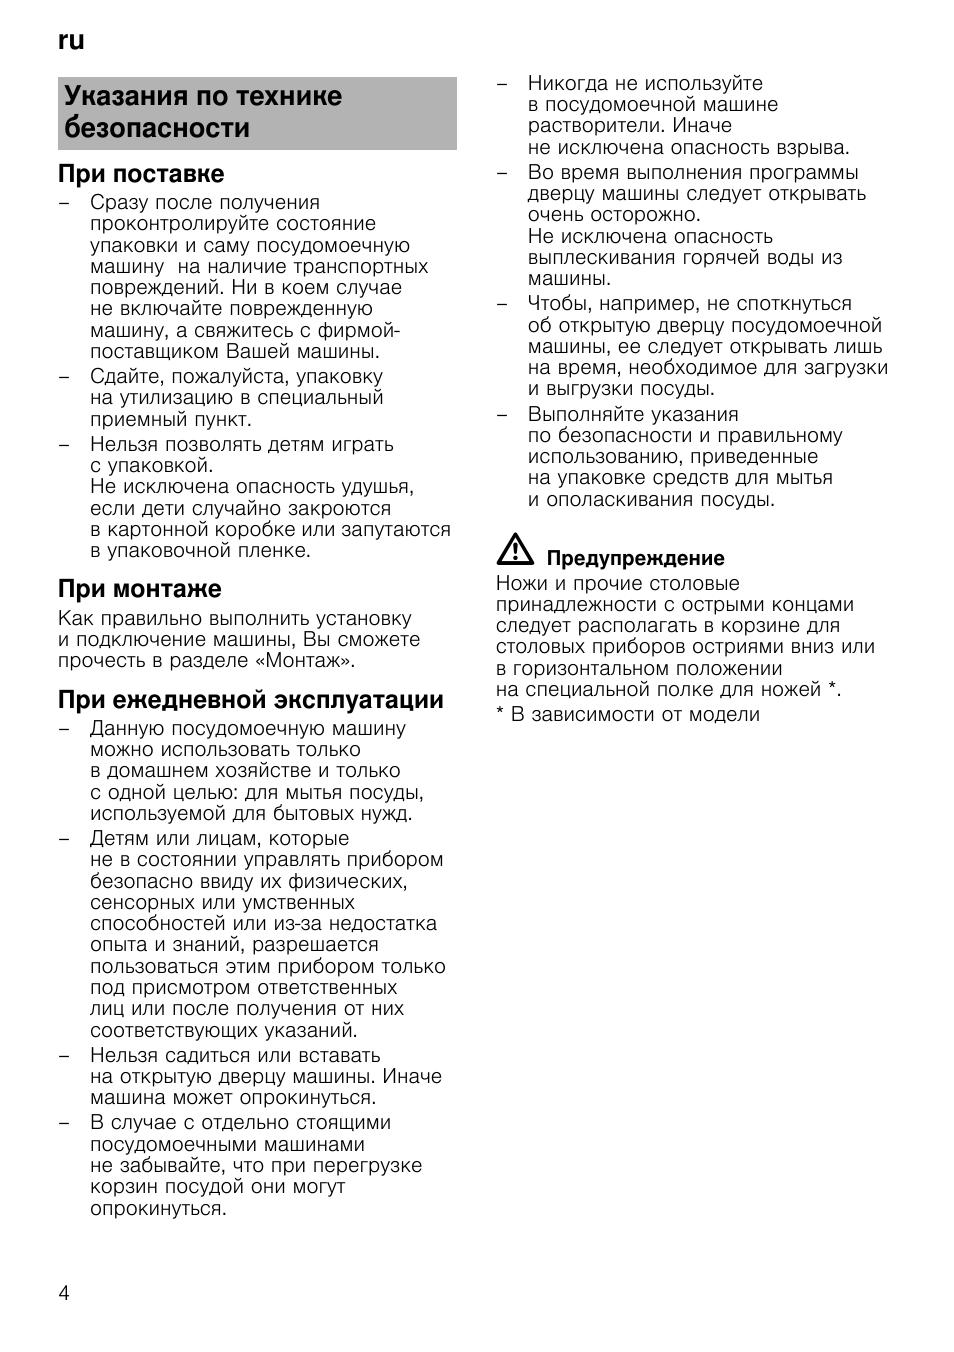 Предупреждение, Ги указания по техника безопасности